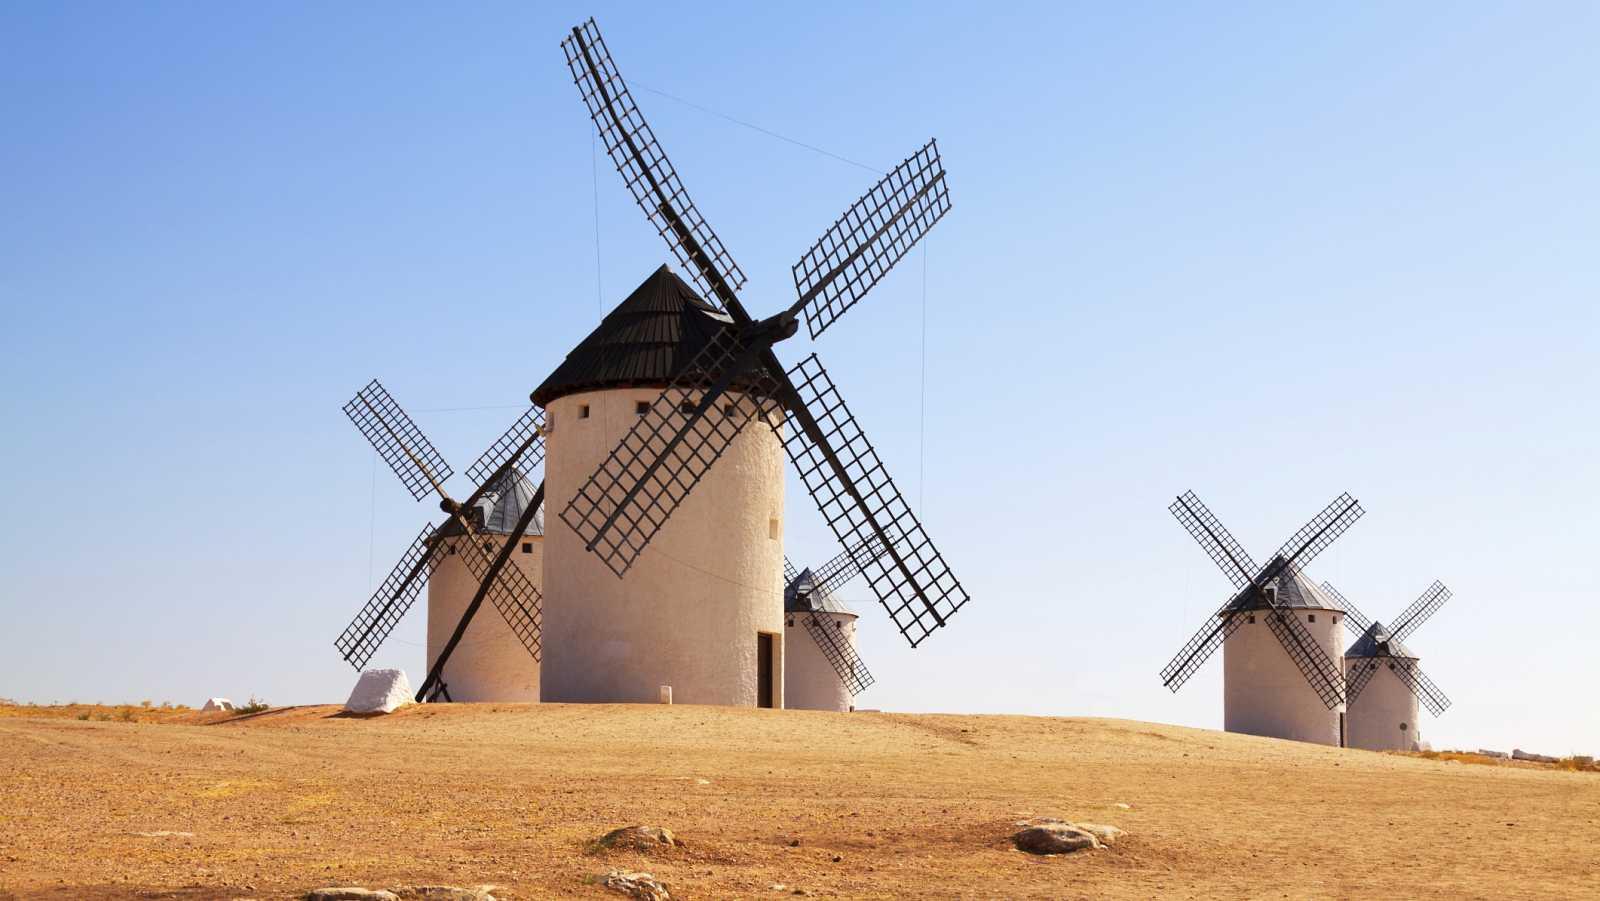 El Quijote del siglo XXI: versión radiofónica - Los molinos - Escuchar ahora